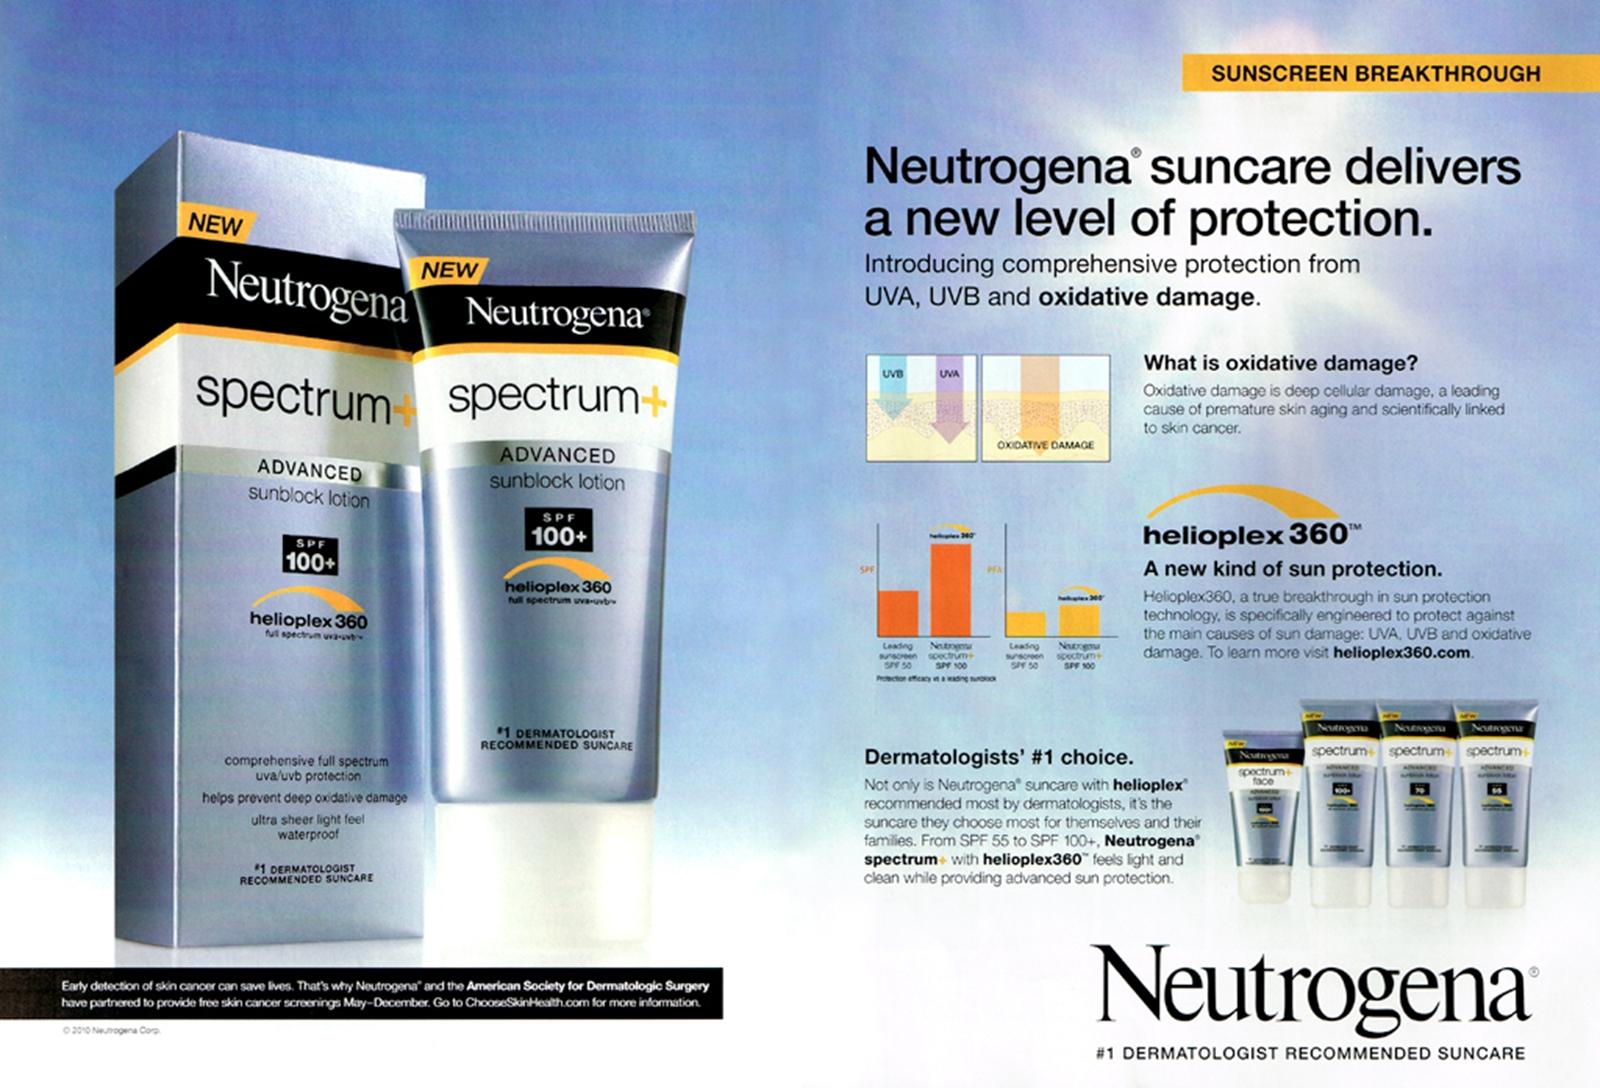 Neutro_Spectrum100Sp_main.jpg